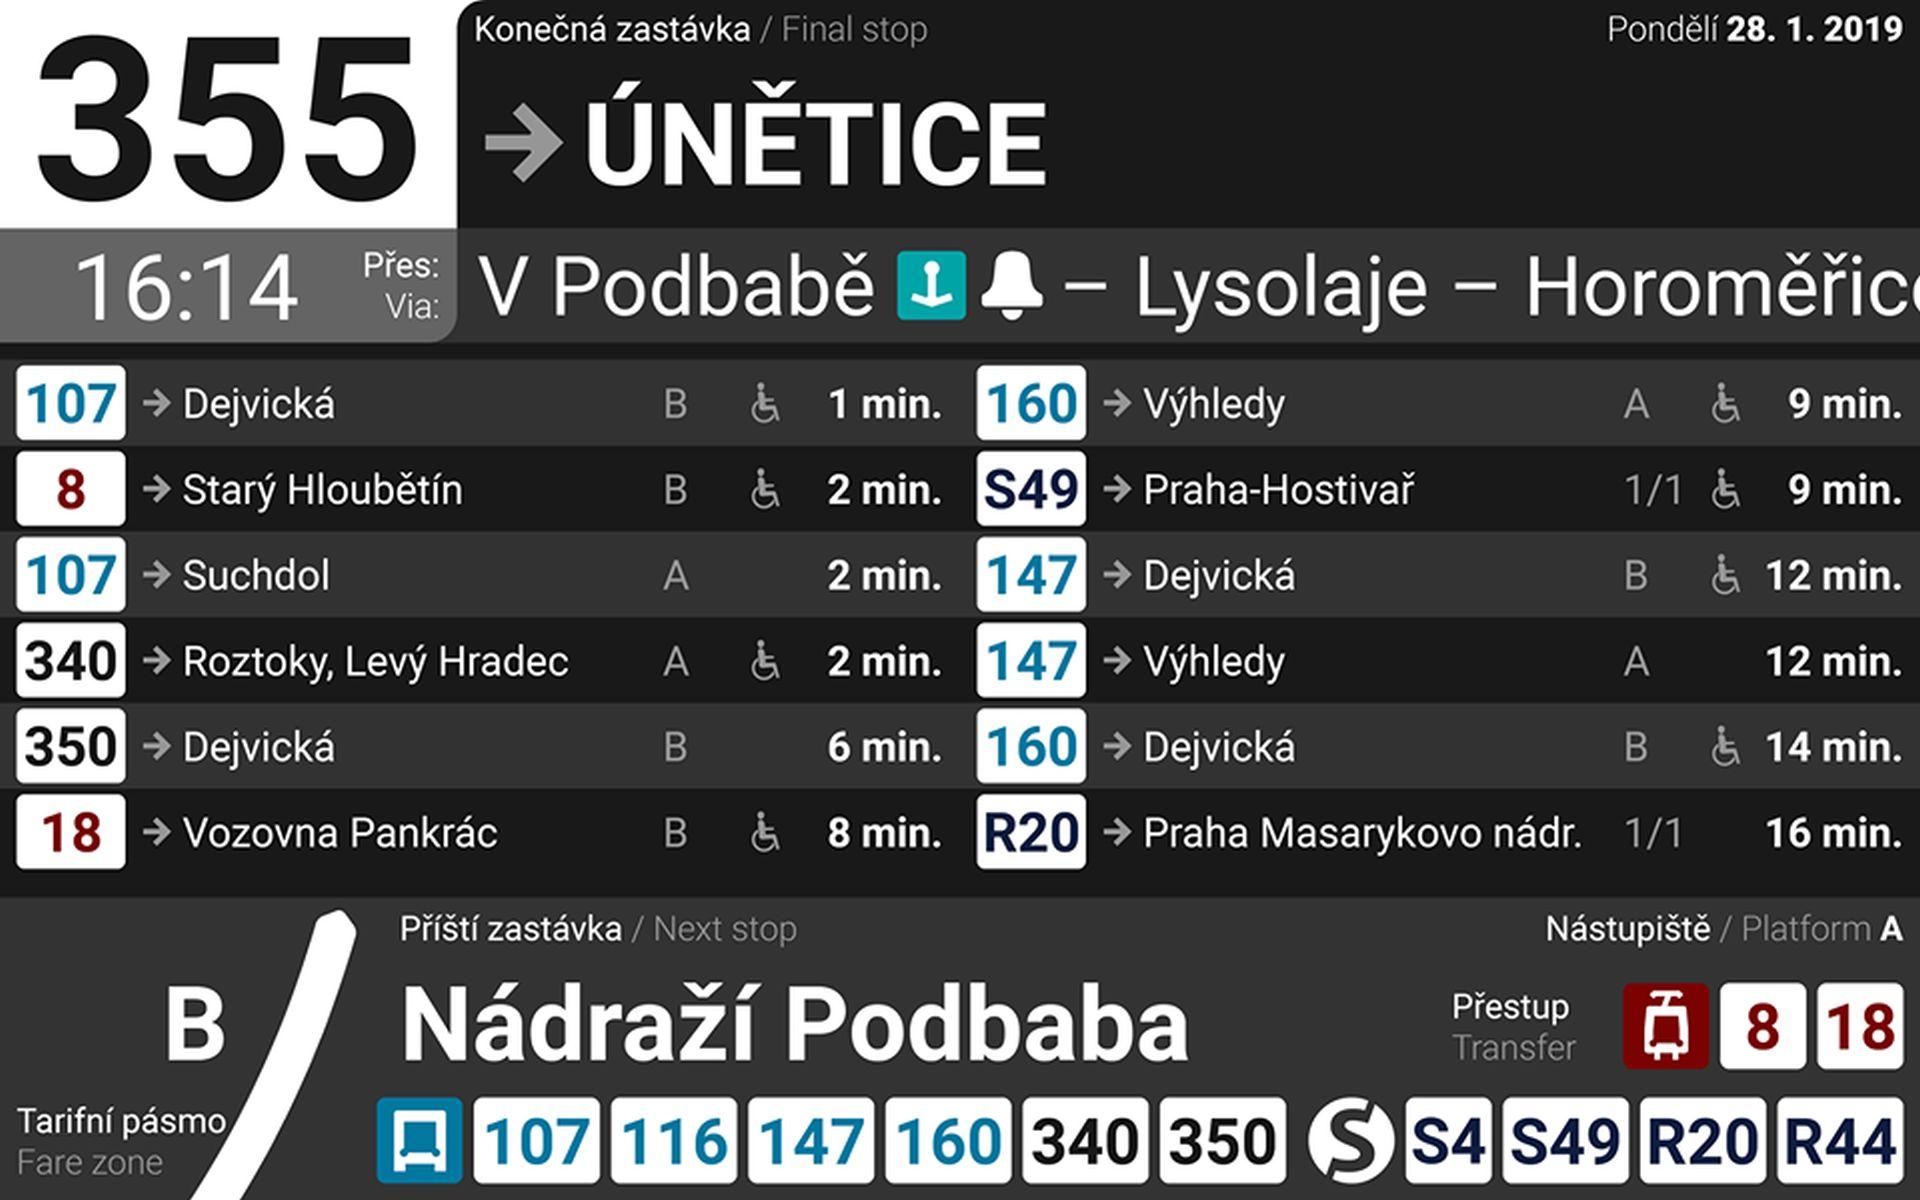 Zobrazení přípojů na displejích v rámci autobusu Pražské integrované dopravy. Foto: Ropid